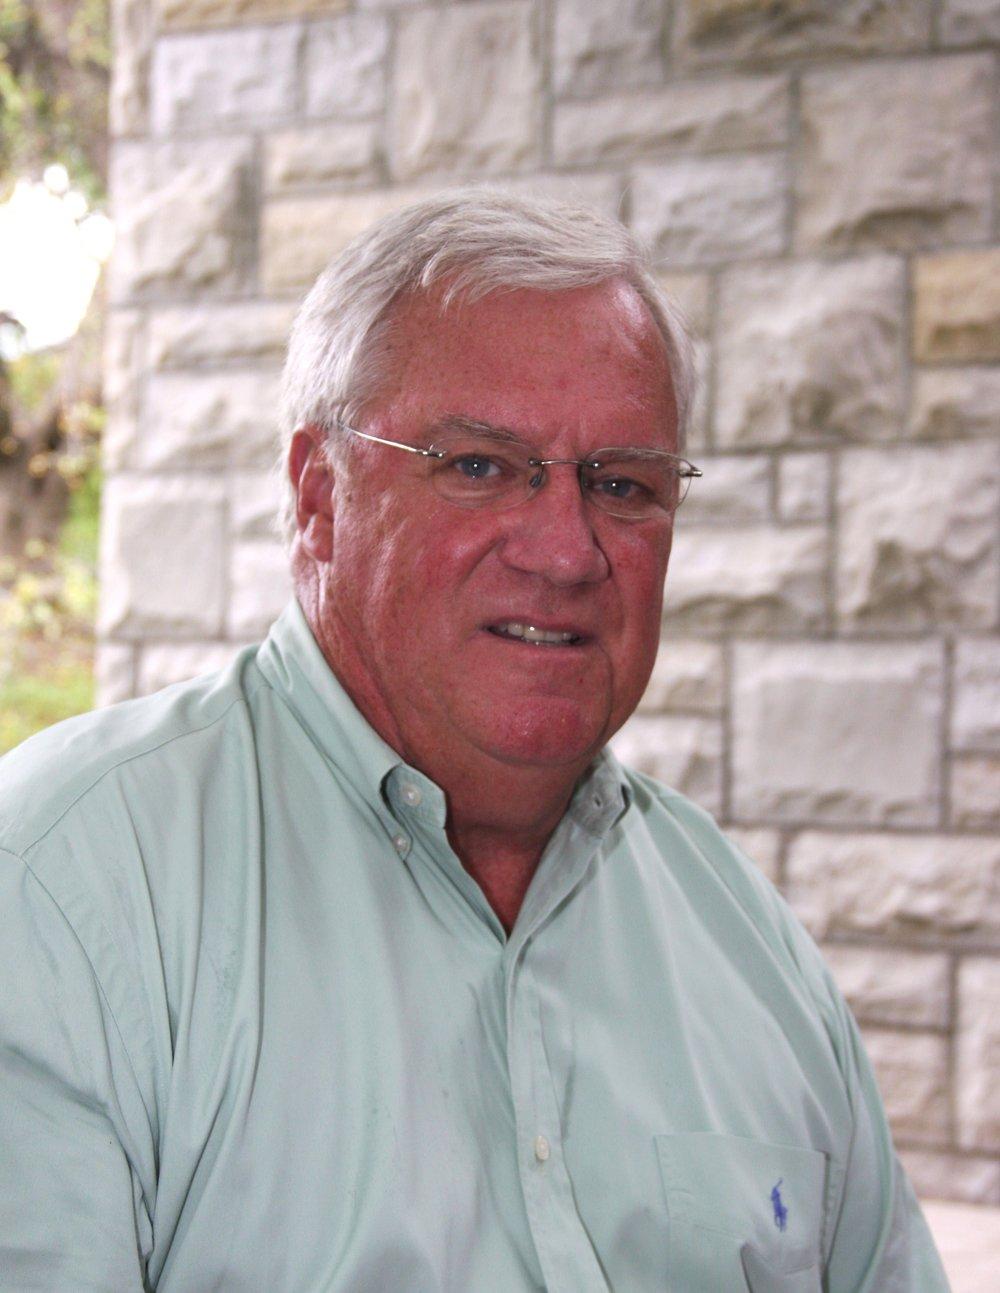 Dr. Charles Kiddler Miembro de la Junta Consultiva